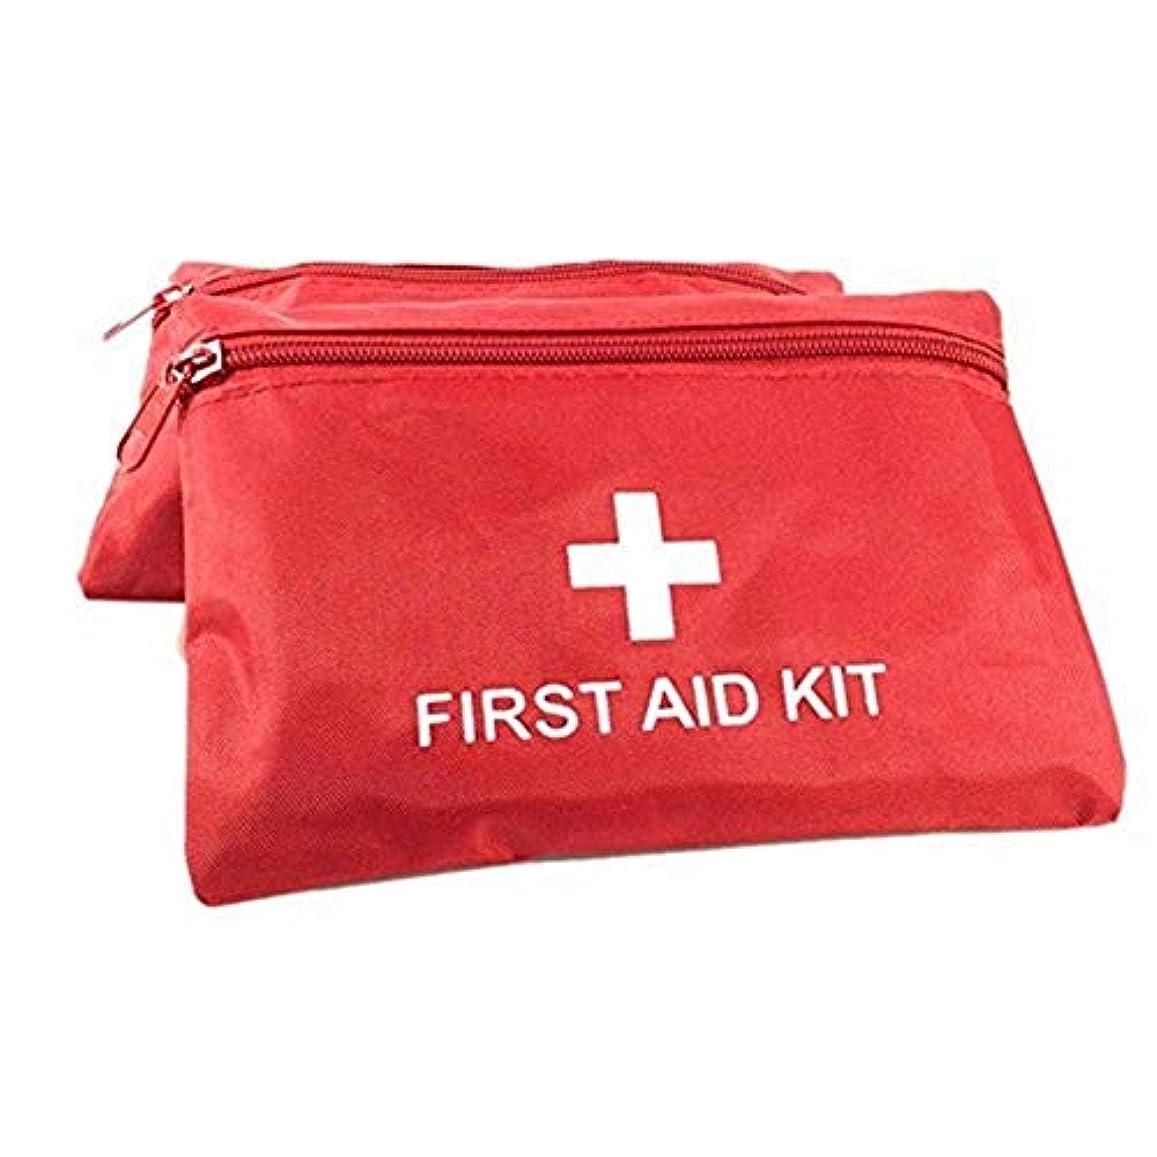 天のカビ胚Yxsd 応急処置キット ホームオフィス職場旅行キャンプのためのミニ空の応急処置キットバッグ防水緊急医療オーガナイザーバッグ